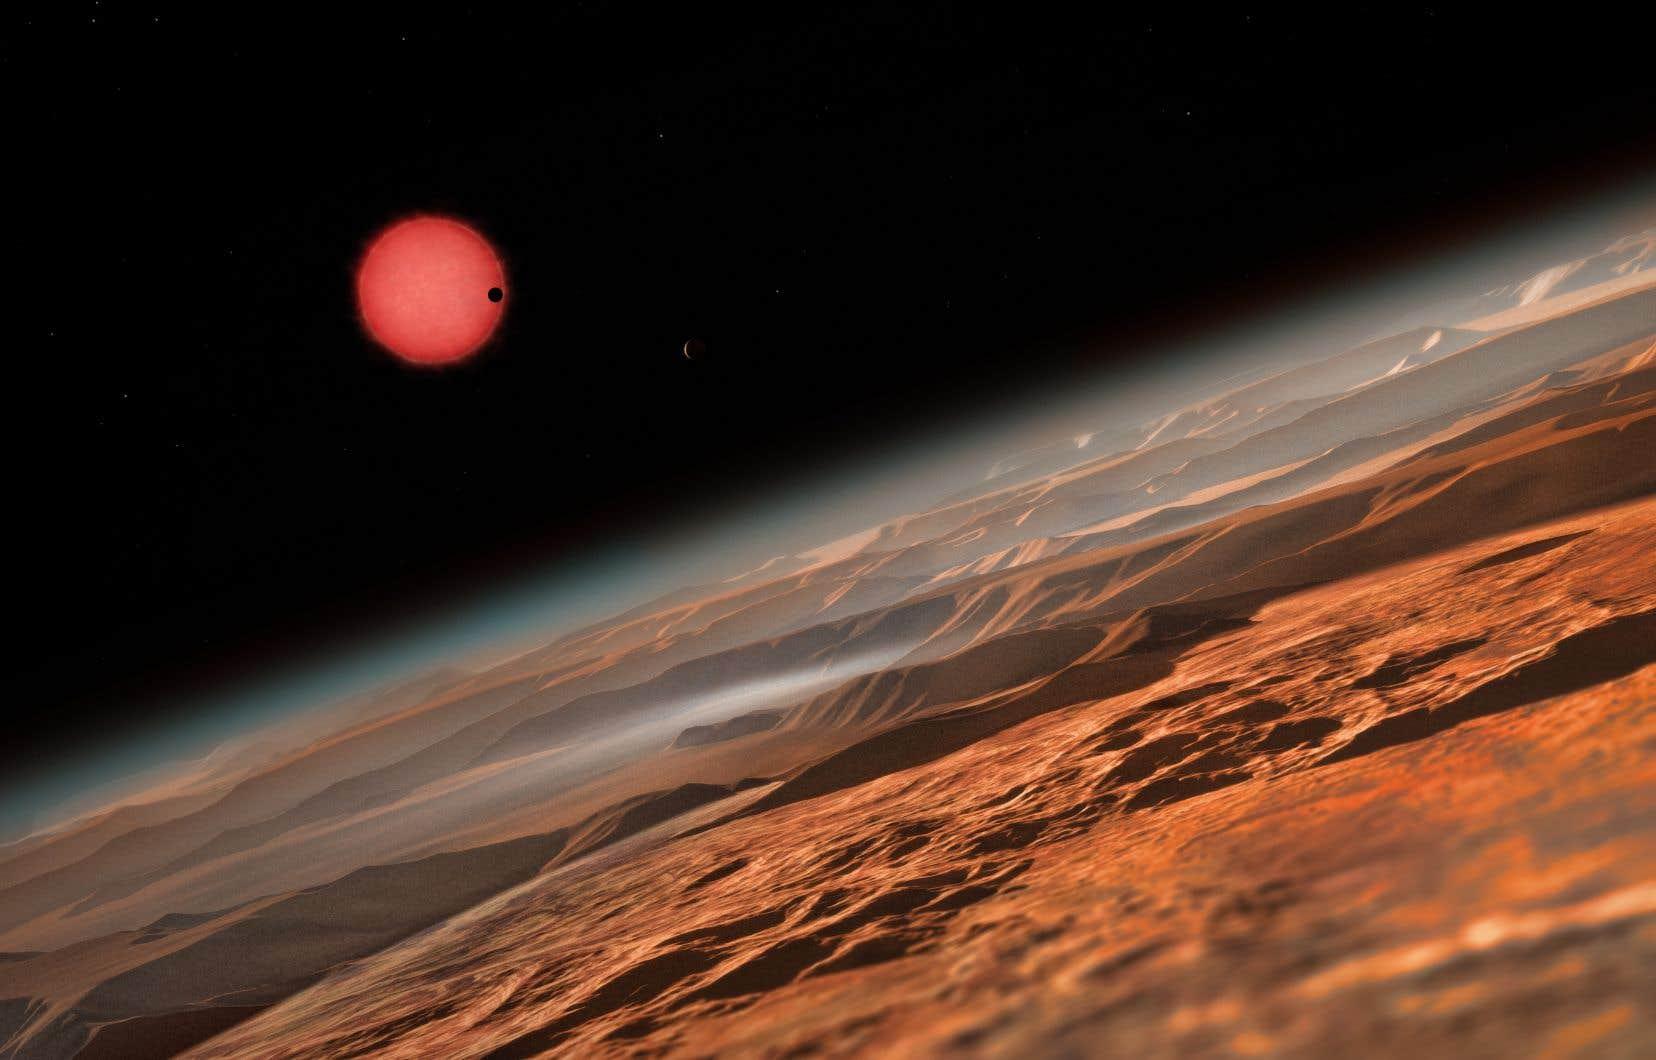 Depuis l'annonce de leur découverte en février dernier, les astronomes disposent de plus d'informations sur l'étoile TRAPPIST-1, ses planètes et leurs atmosphères.